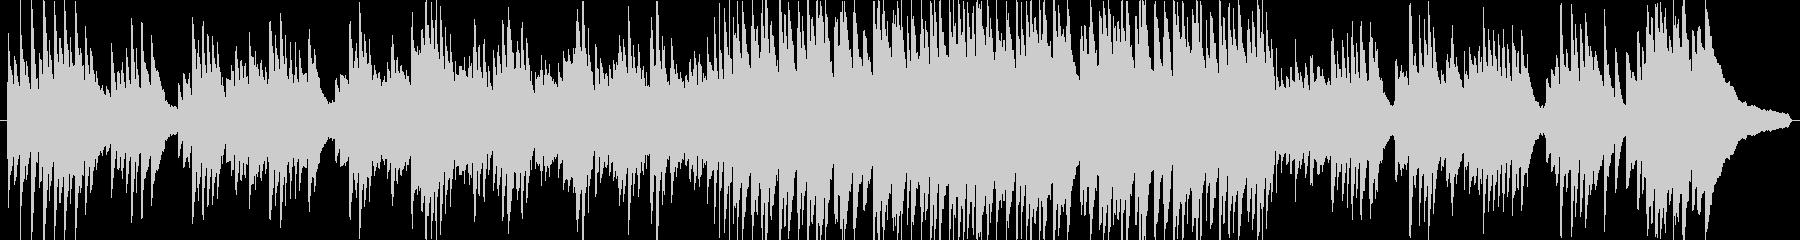 ピアノのインスト。スローテンポ。の未再生の波形